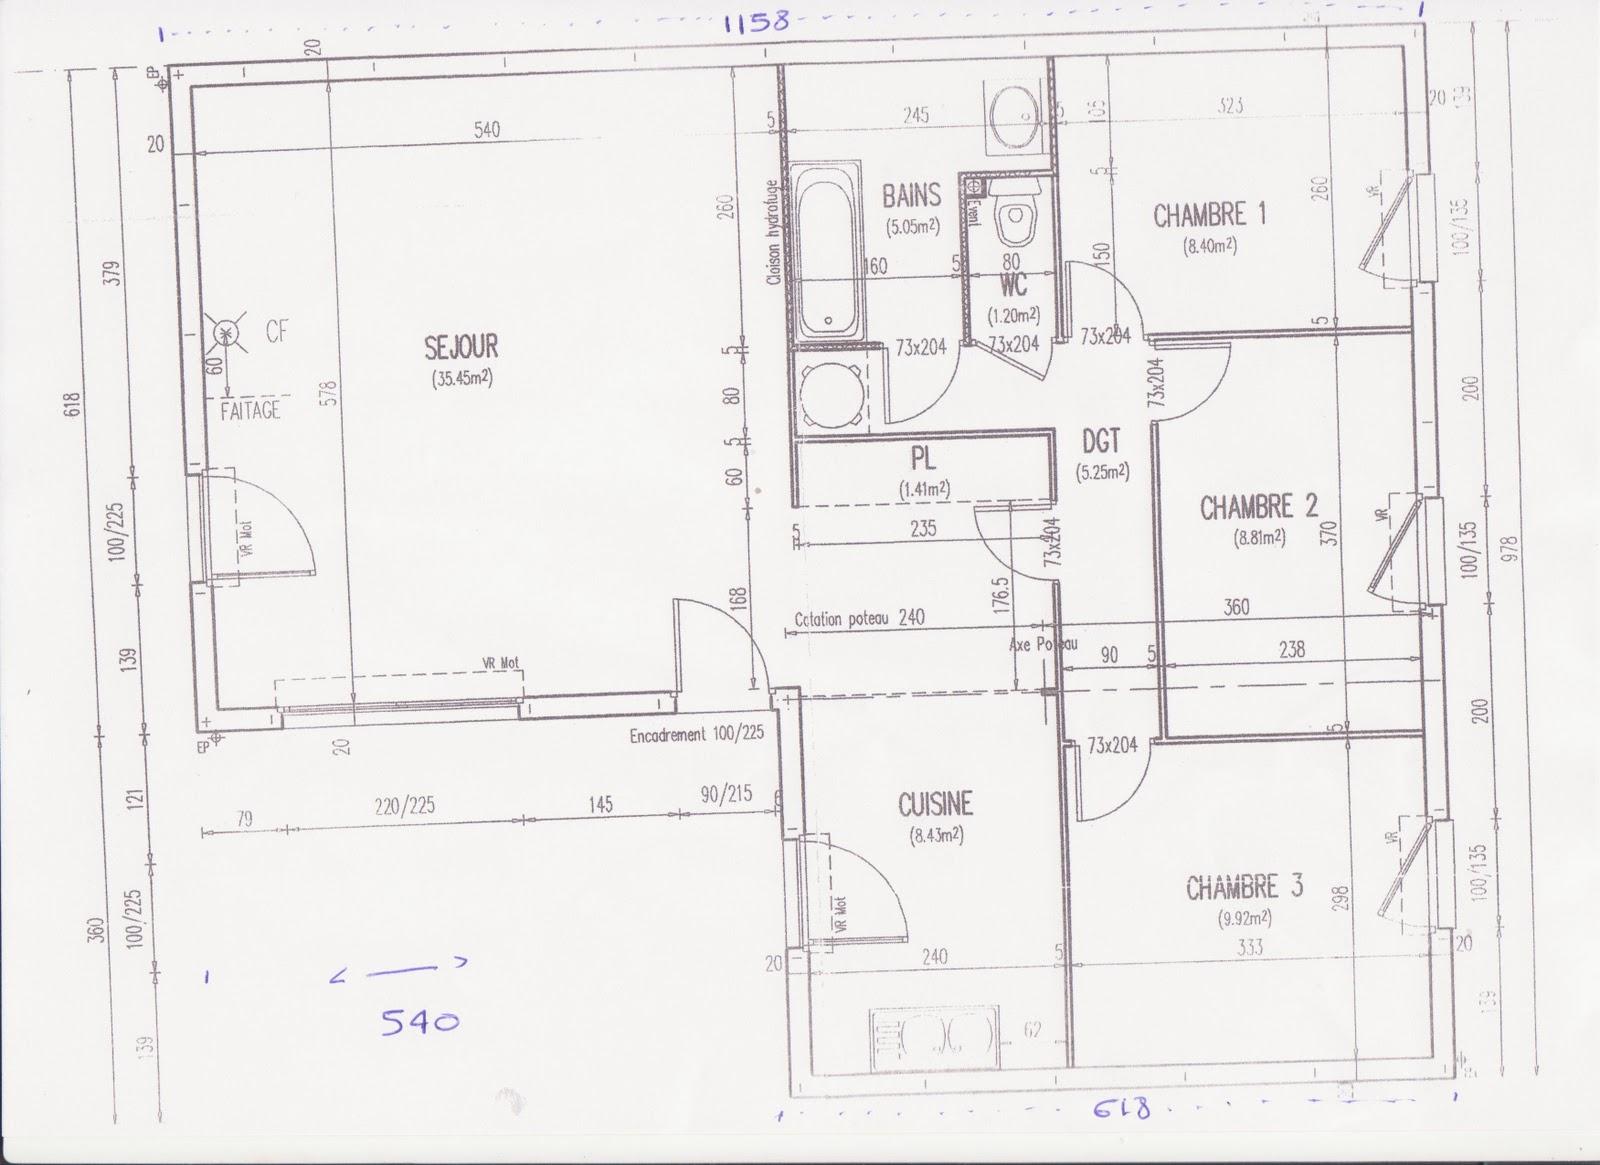 Maison phenix plan finest maison phenix plan with maison phenix plan trendy dtail du plan de - Plan maison phenix ...